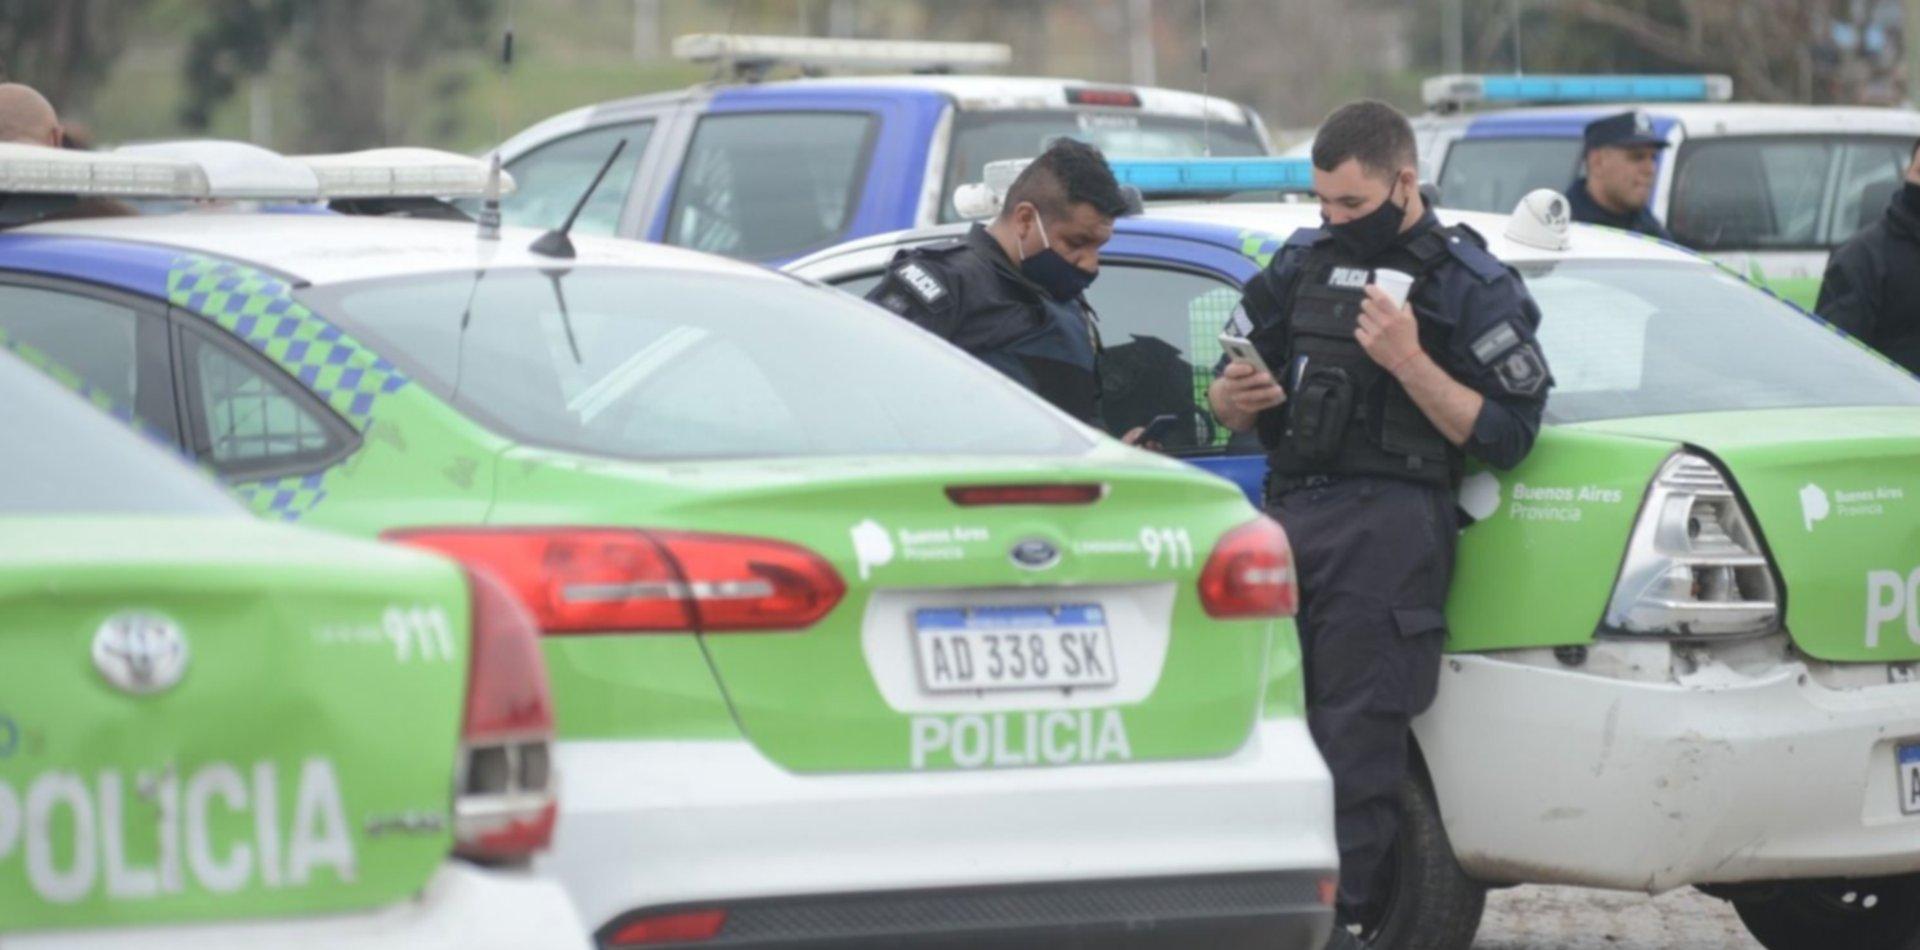 Anuncian un aumento salarial para la Policía bonaerense y el Servicio Penitenciario